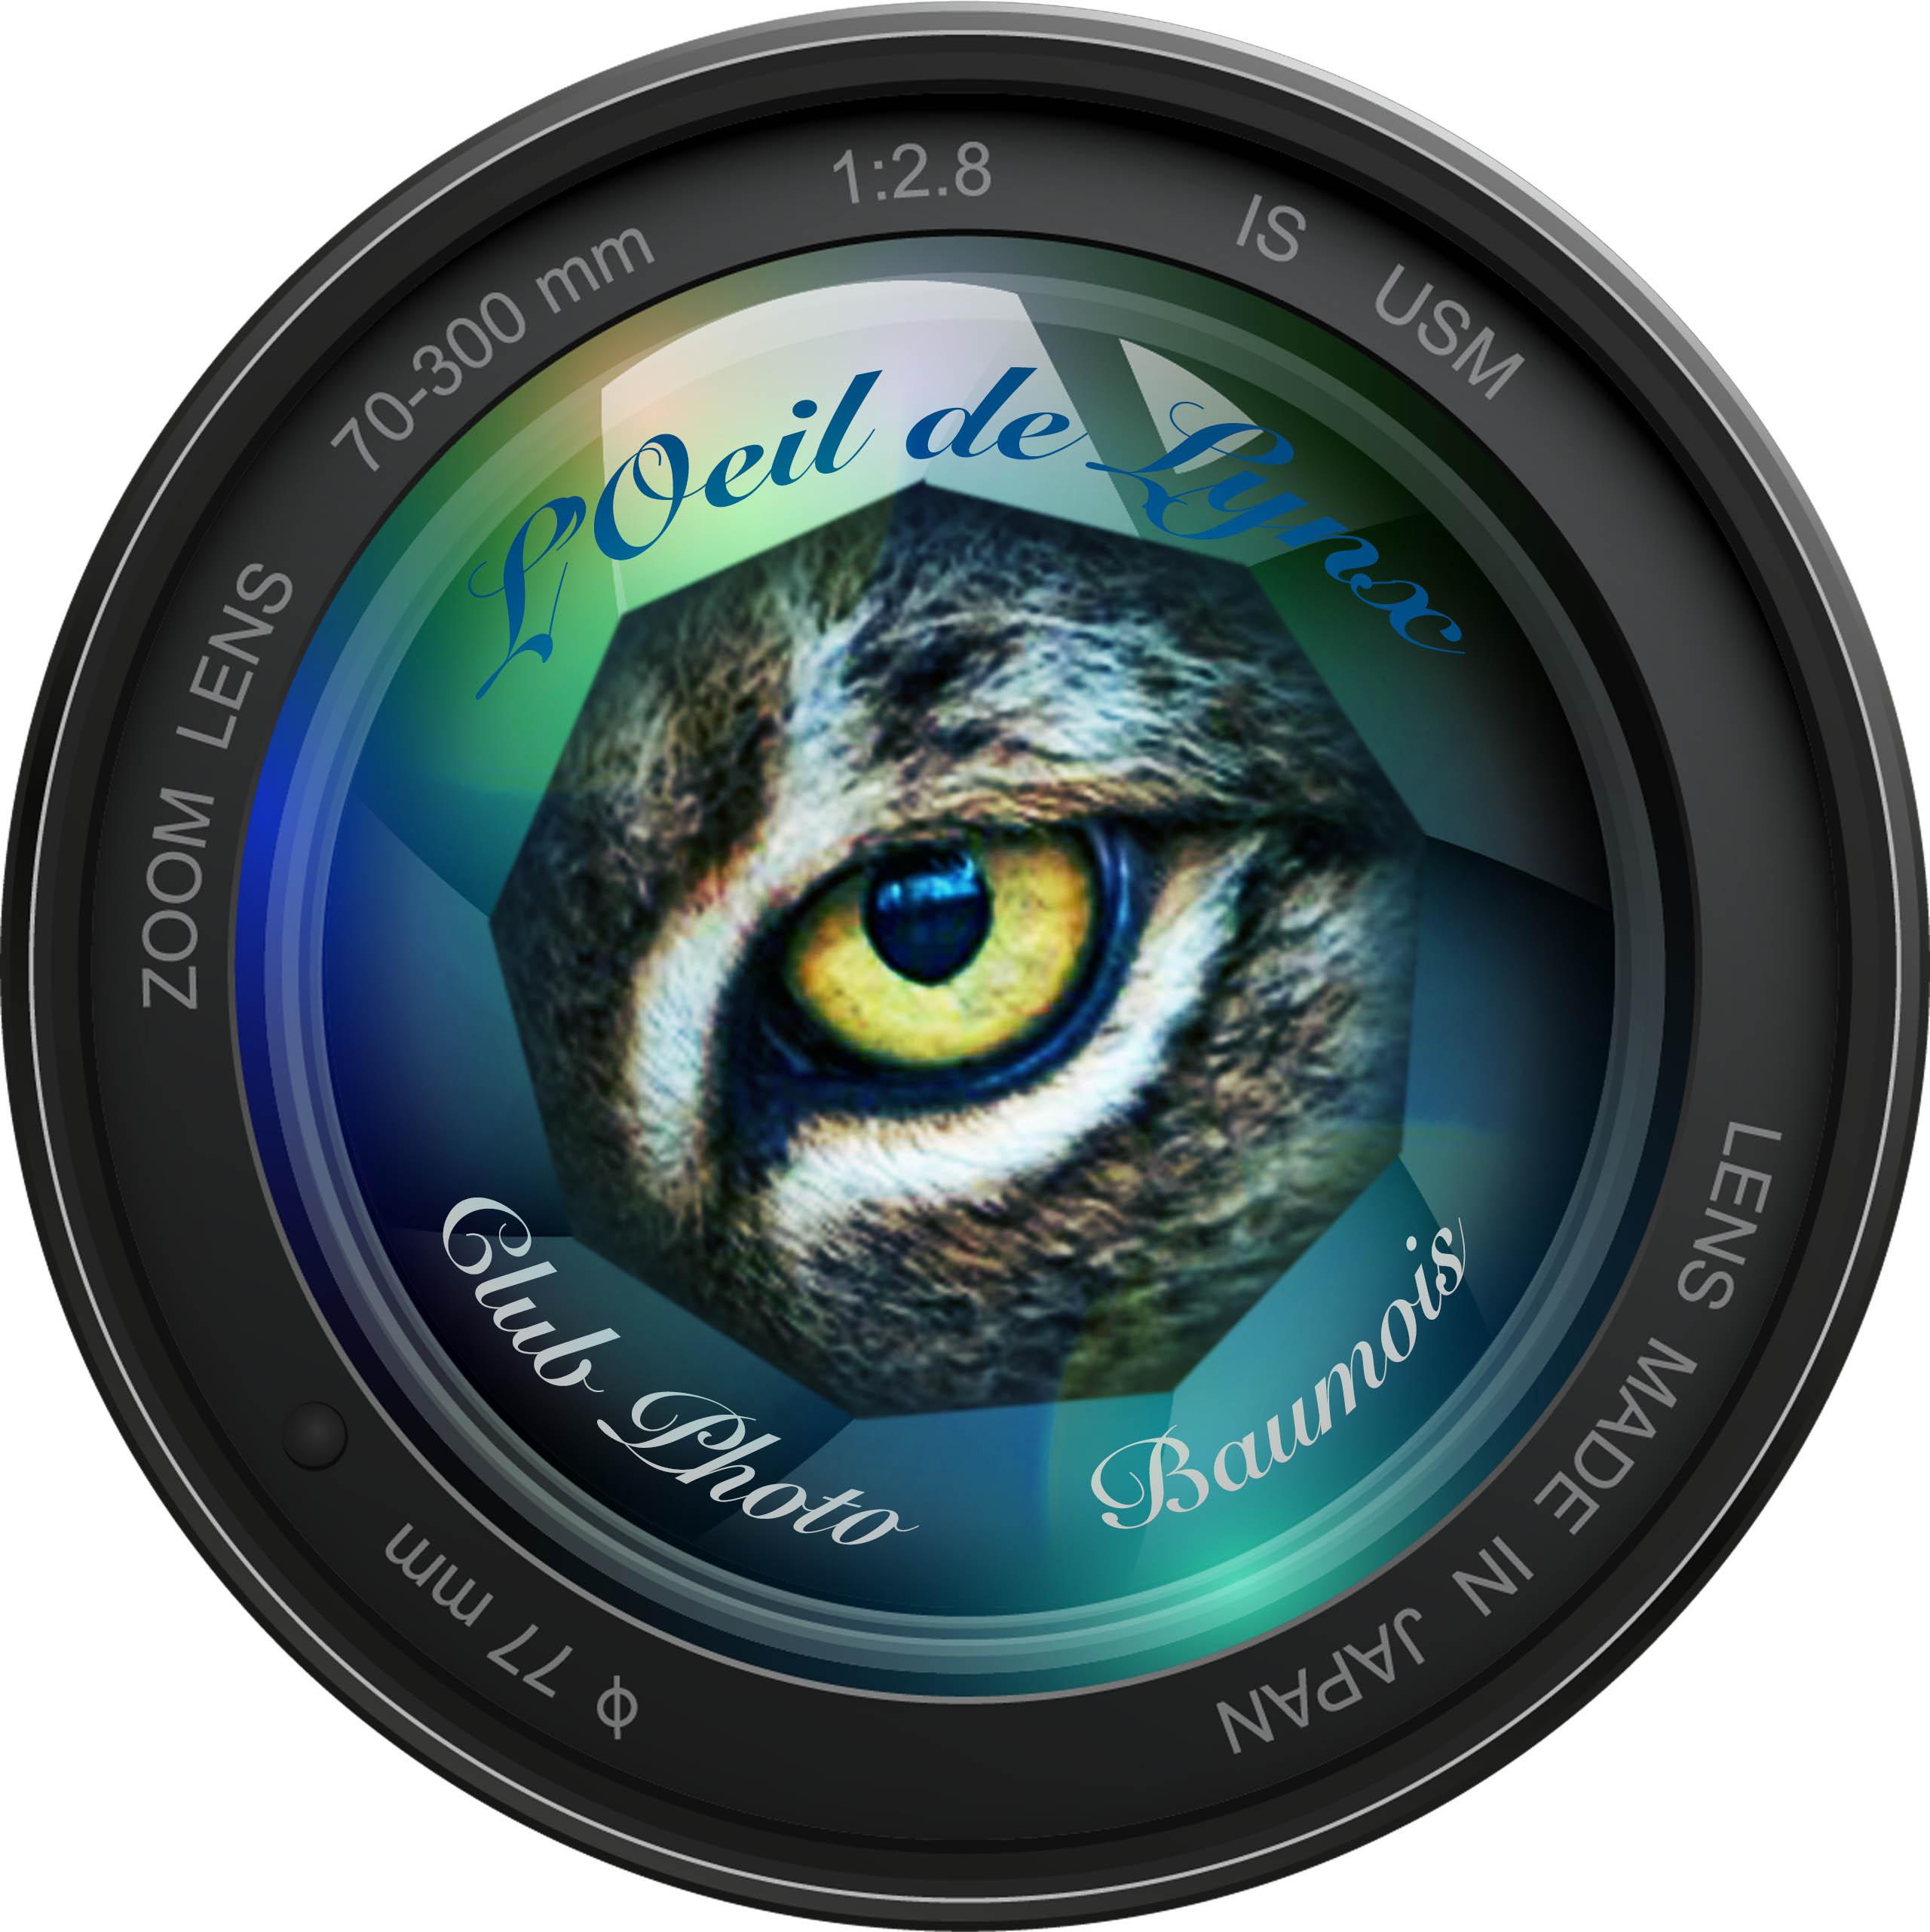 Oeil de Lynx - Baume les Dames